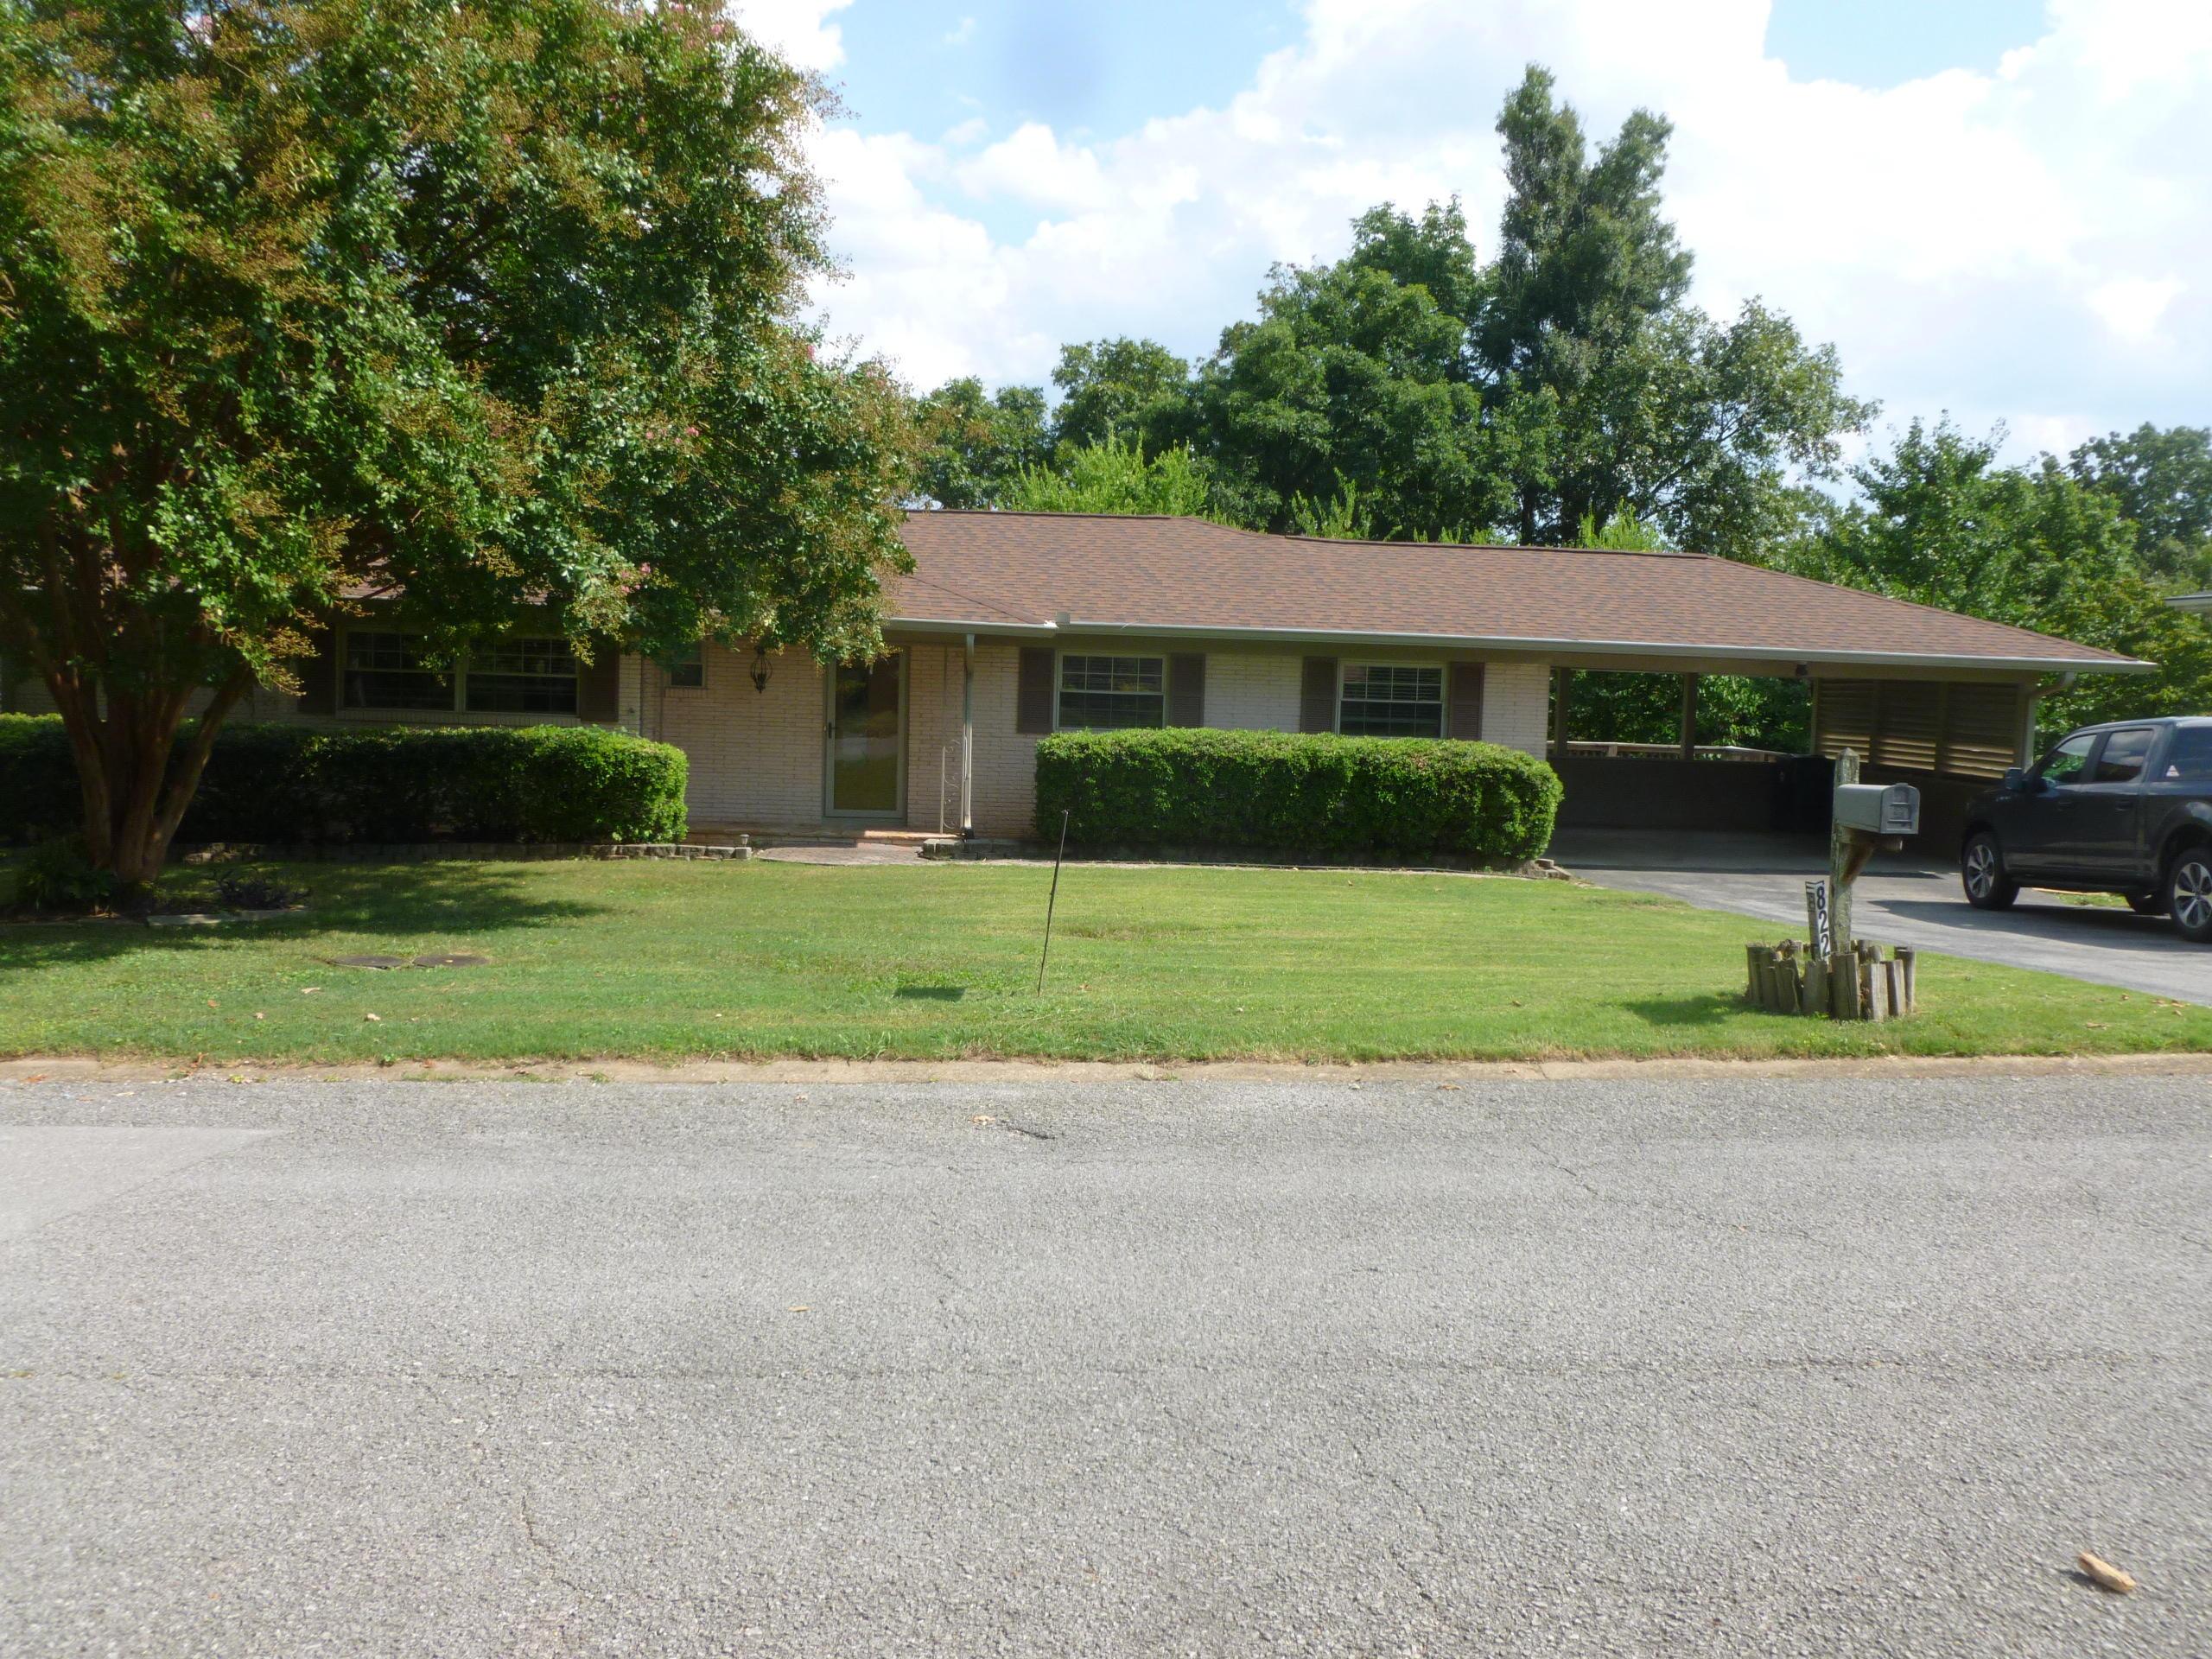 822 Brynwood Dr, Chattanooga, TN 37415